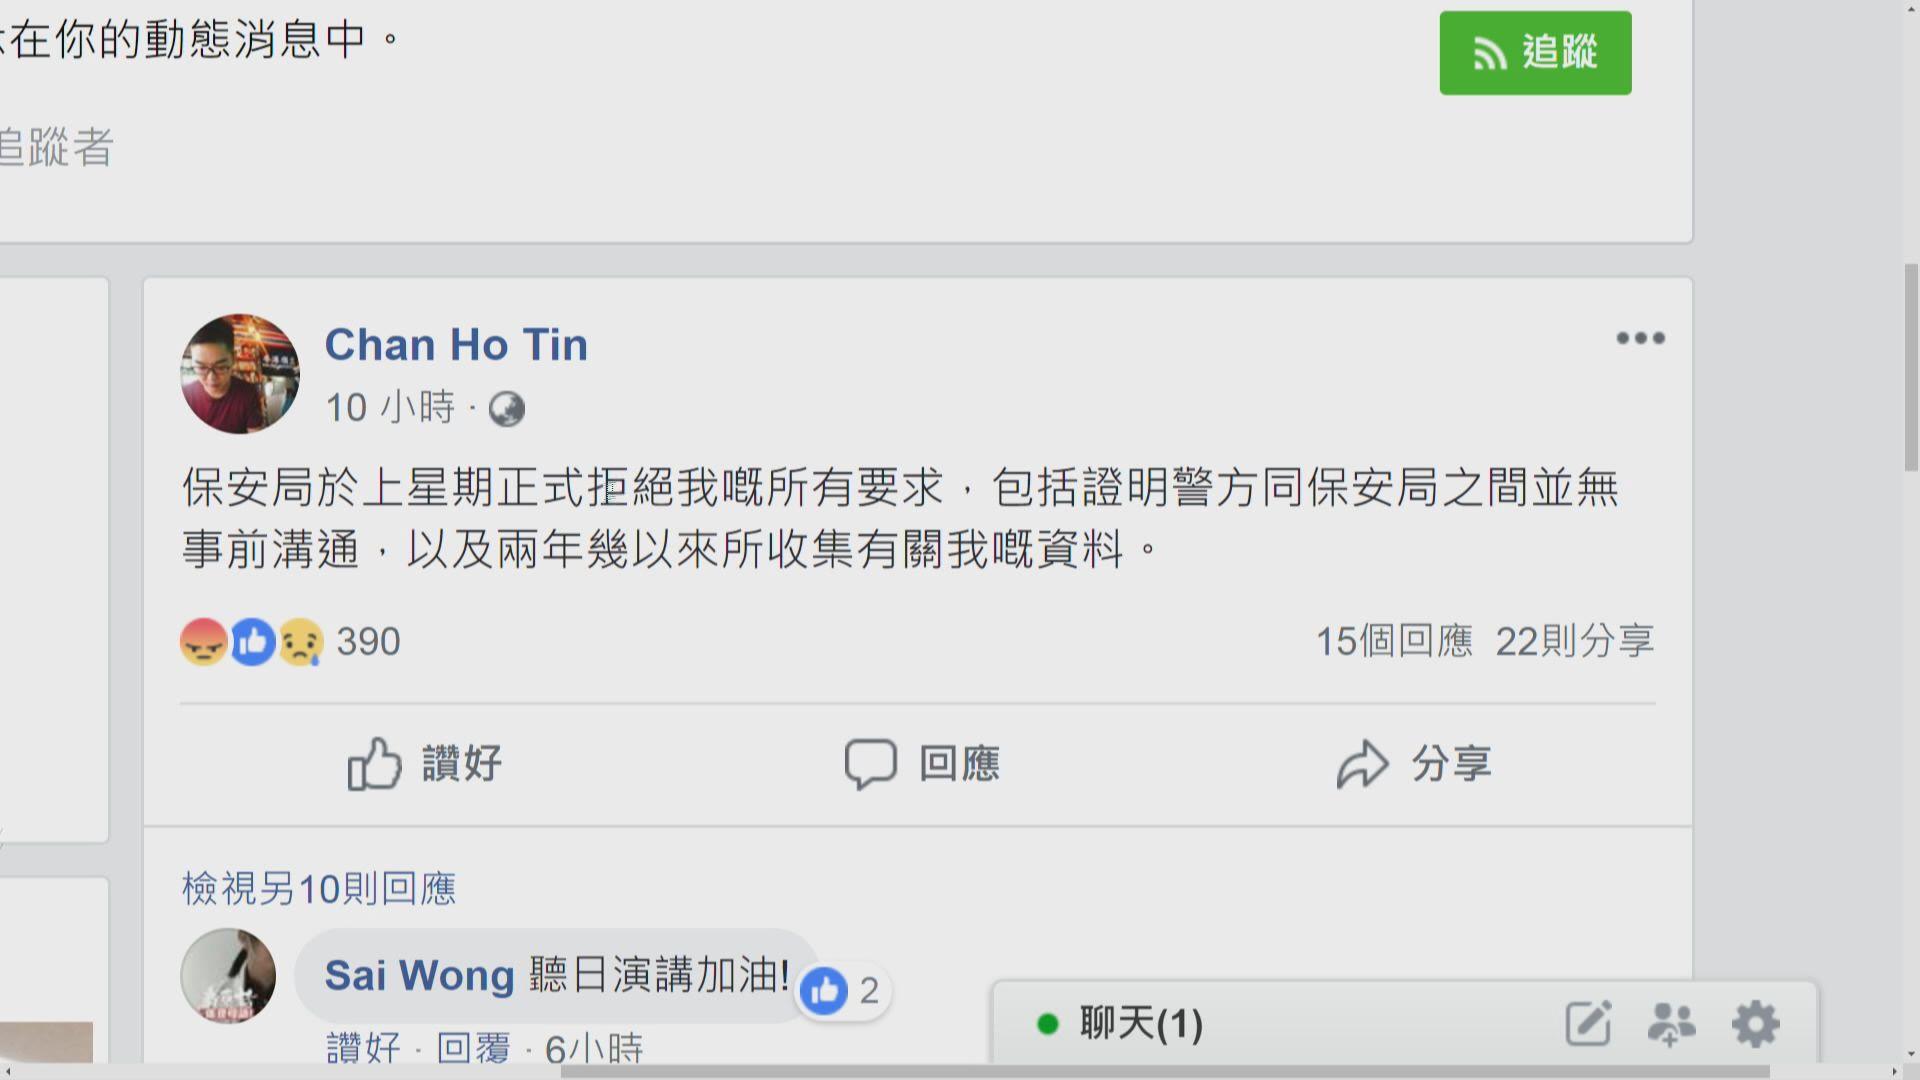 陳浩天:保安局拒交出監視紀錄